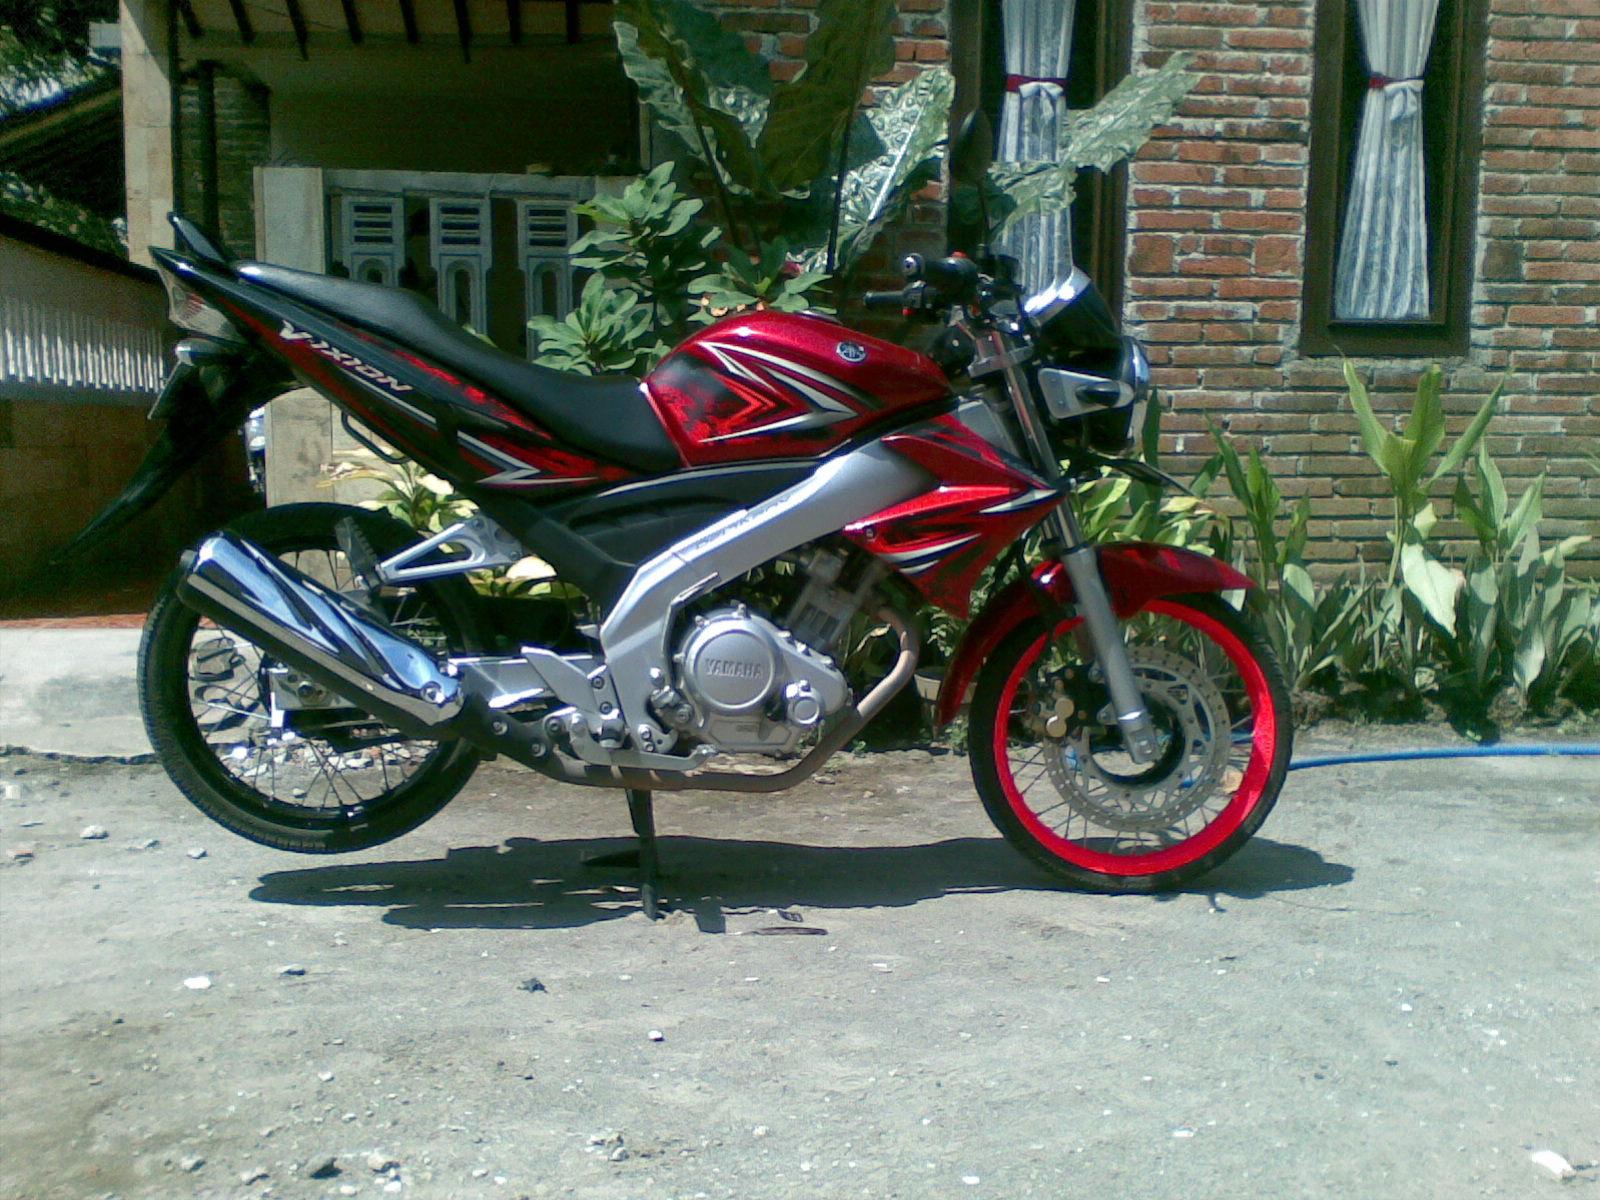 102 Modifikasi Vixion Tahun 2010 Warna Merah Modifikasi Motor